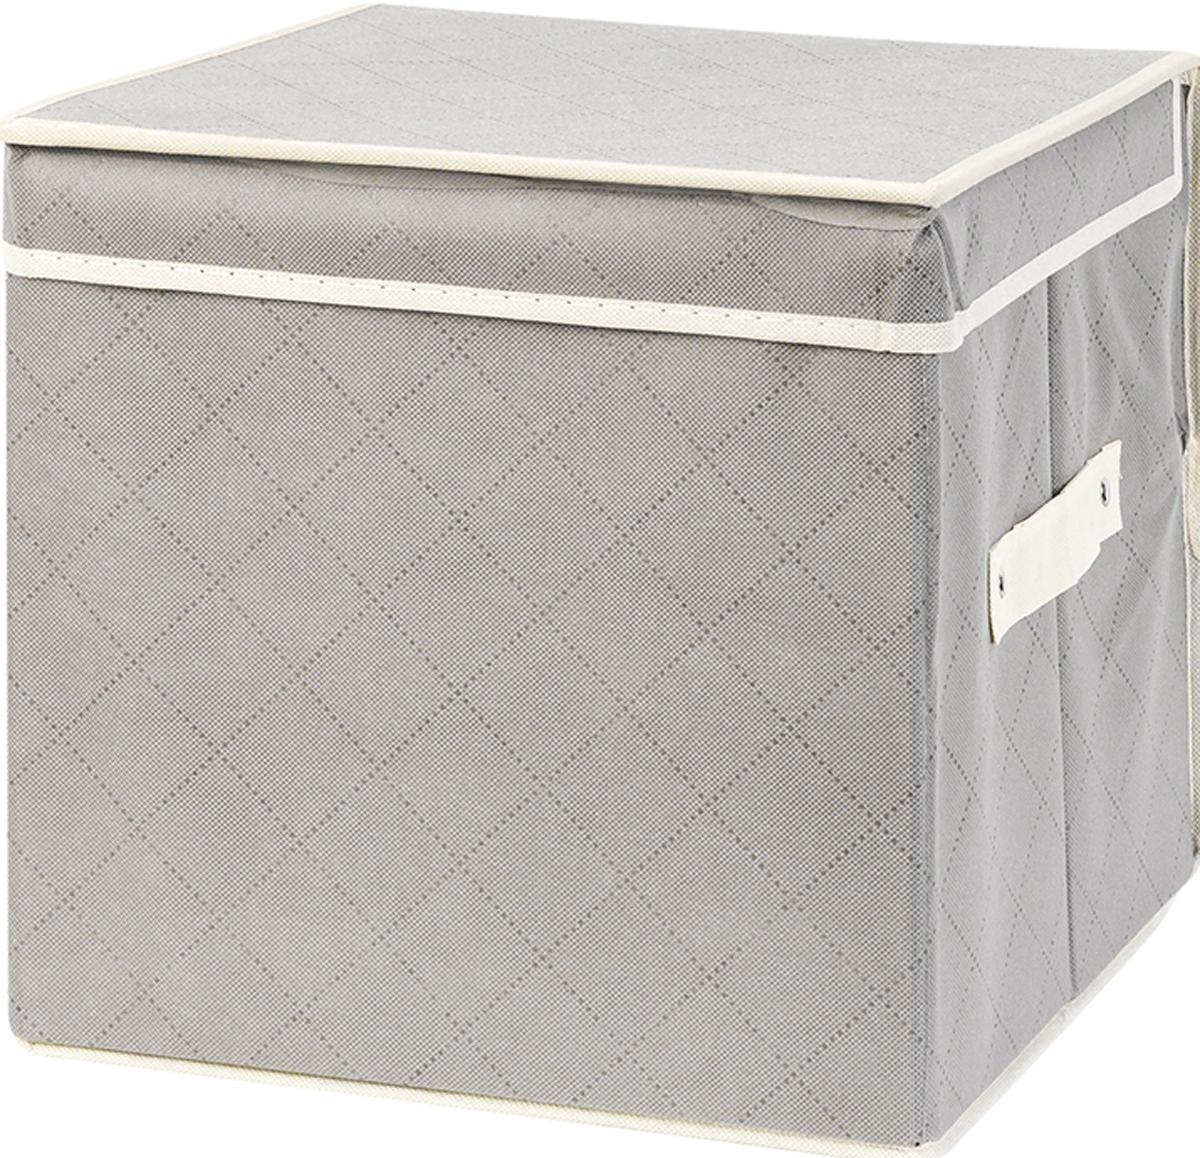 Кофр складной для хранения El Casa Геометрия стиля, 31 х 31 х 31 см370754Кофр для хранения представляет собой закрывающуюся крышкой коробку жесткой конструкции, благодаря наличию внутри плотных листов картона. Специально предназначен для защиты Вашей одежды от воздействия негативных внешних факторов: влаги и сырости, моли, выгорания, грязи. Позволит организовать хранение перчаток, ремней, шарфов. Размер 31х31х31 см.Кофр складной для хранения 31*31*31 см. EL Casa Геометрия стиля серебряный + ручка, квадрат